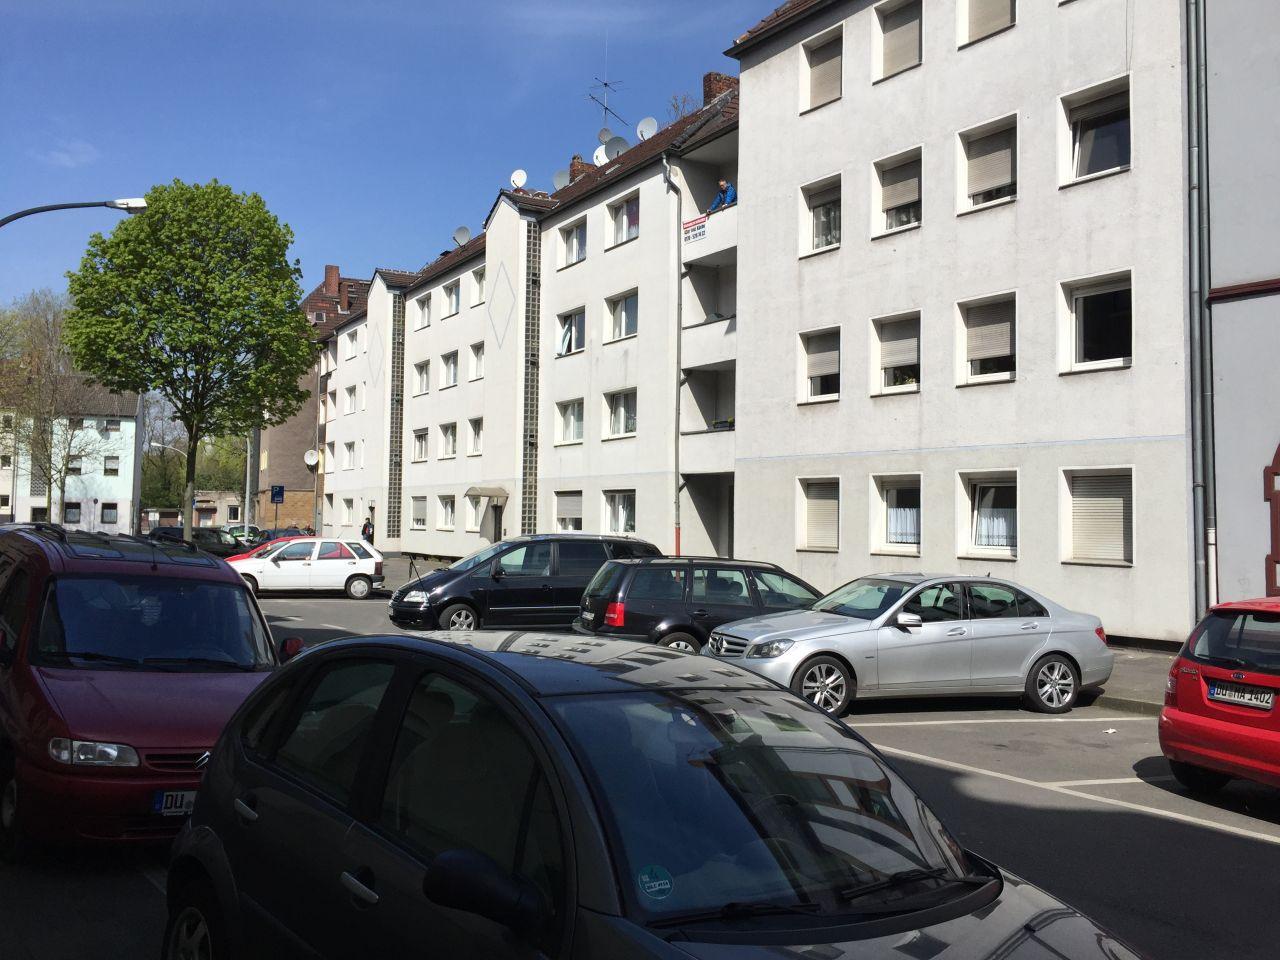 Квартира в земле Северный Рейн-Вестфалия, Германия, 43 м2 - фото 1